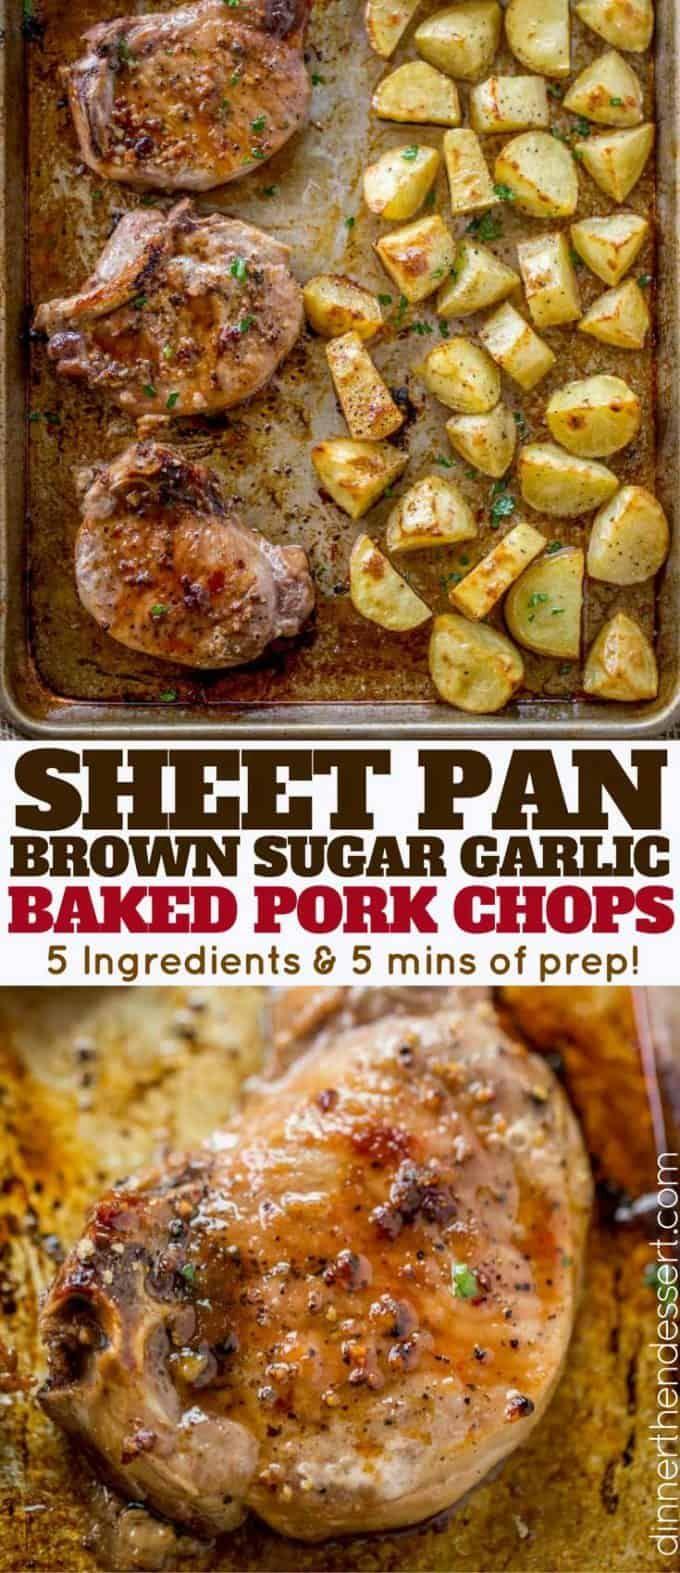 Brown Sugar Garlic Oven Baked Pork Chops - Dinner, then Dessert